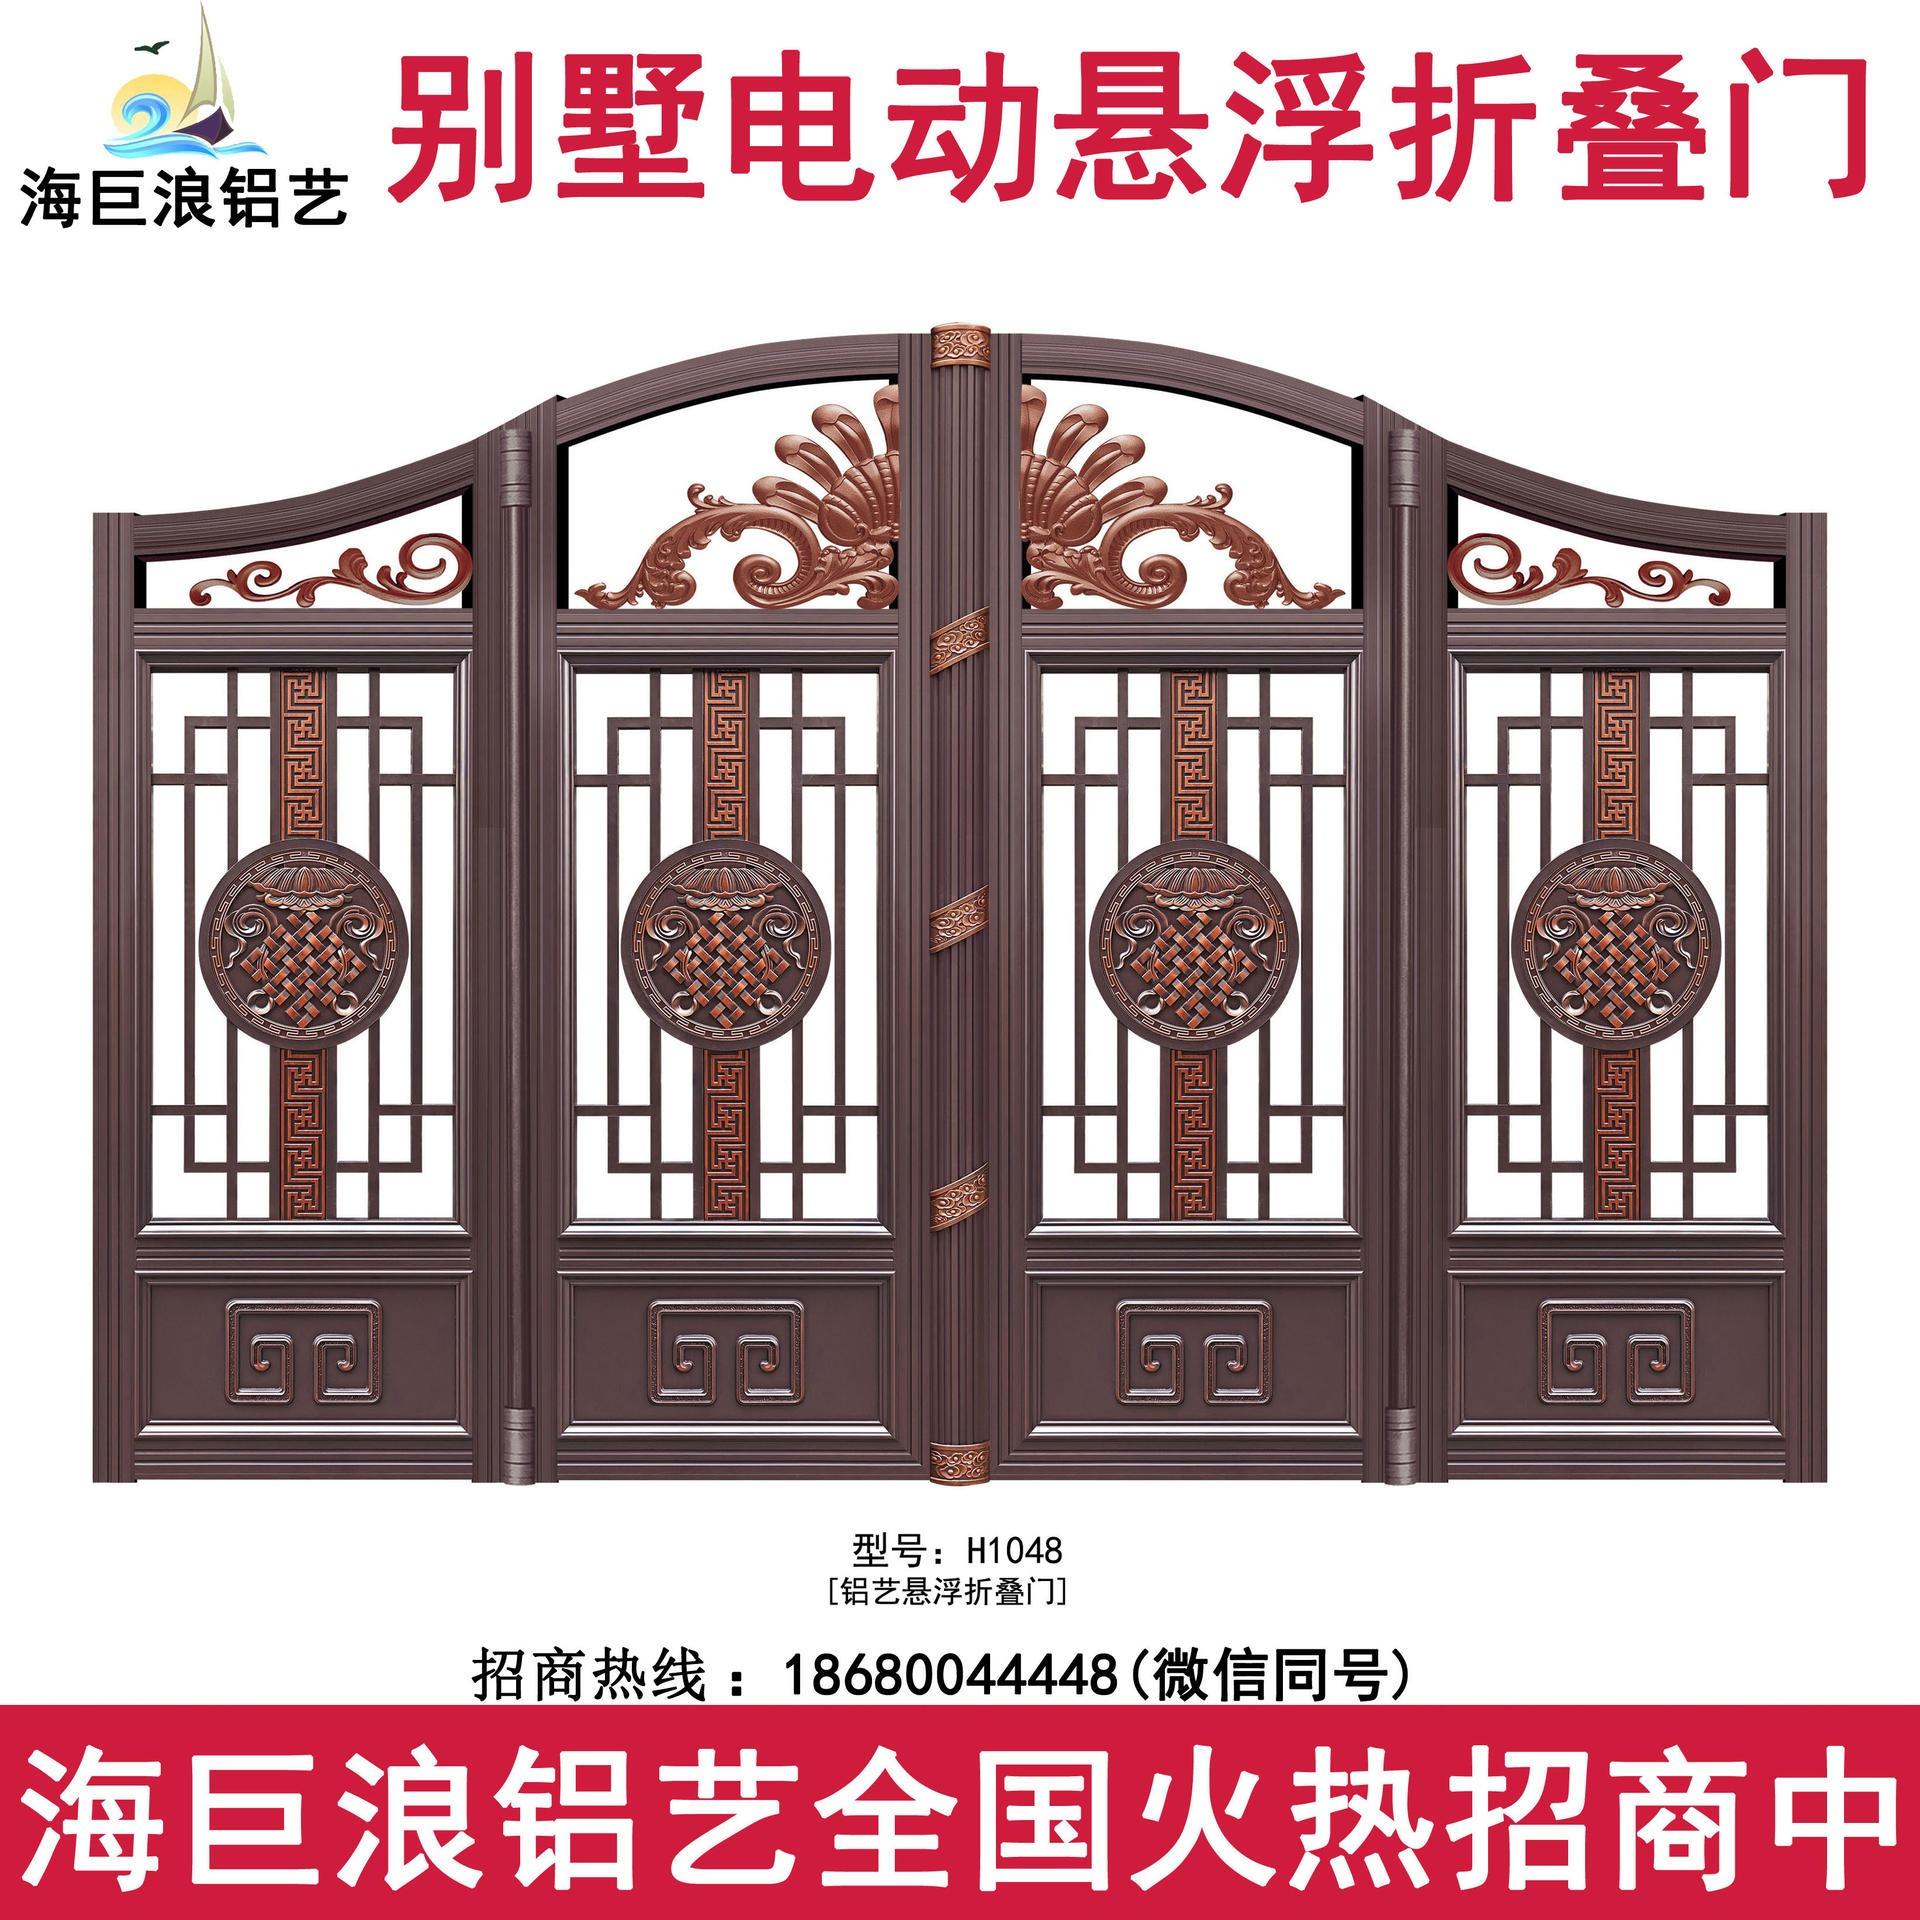 庭院悬浮折叠门 庭院电动悬浮门 无轨悬浮门 无轨别墅平开门